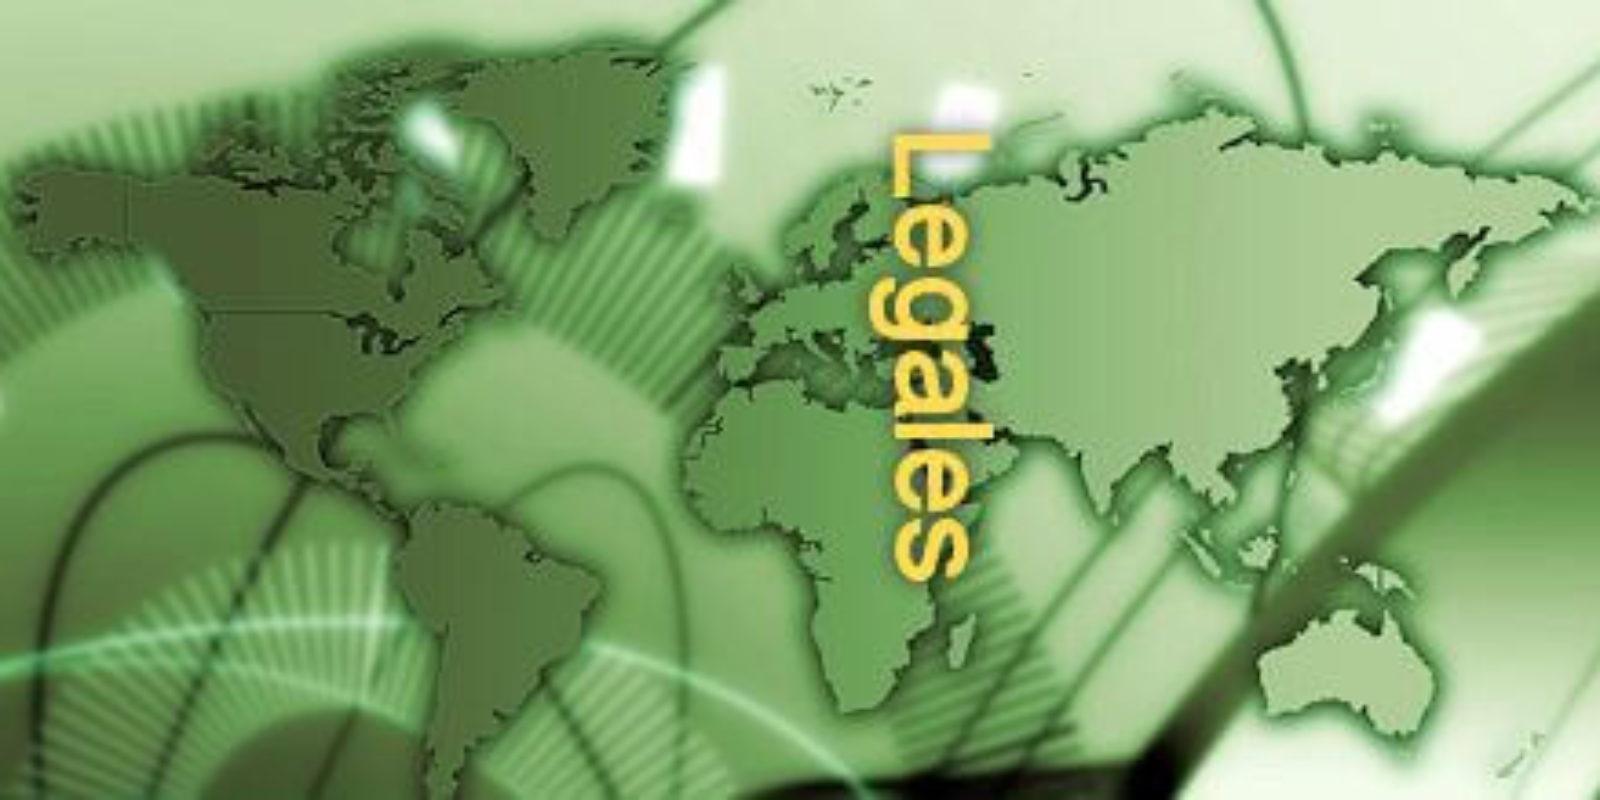 Mapa de competencias y buenas prácticas profesionales en bioética